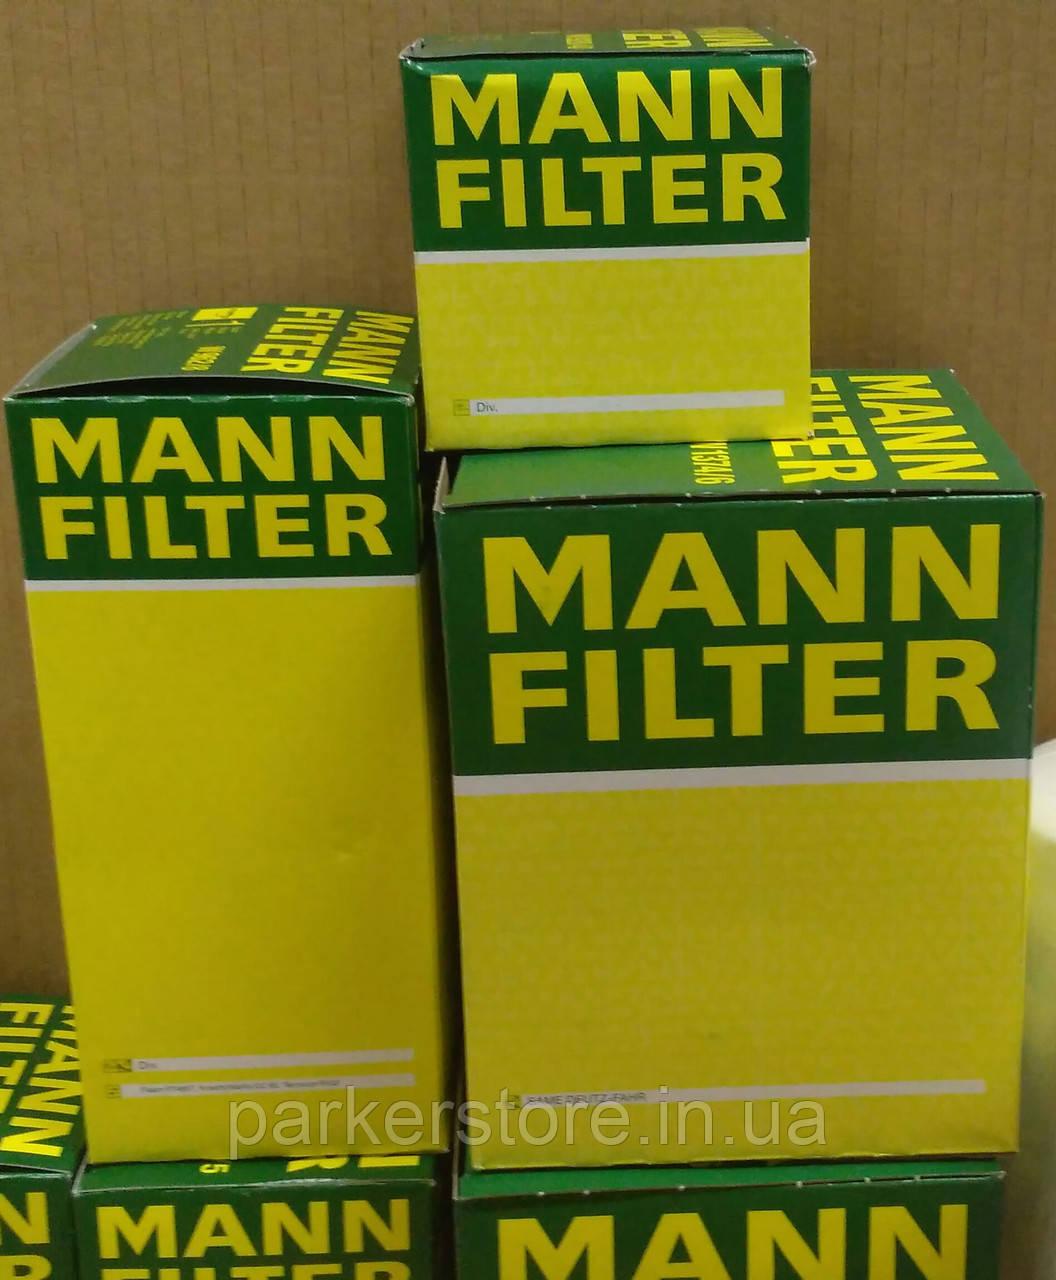 MANN FILTER / Воздушный фильтр / C 1343 / C1343